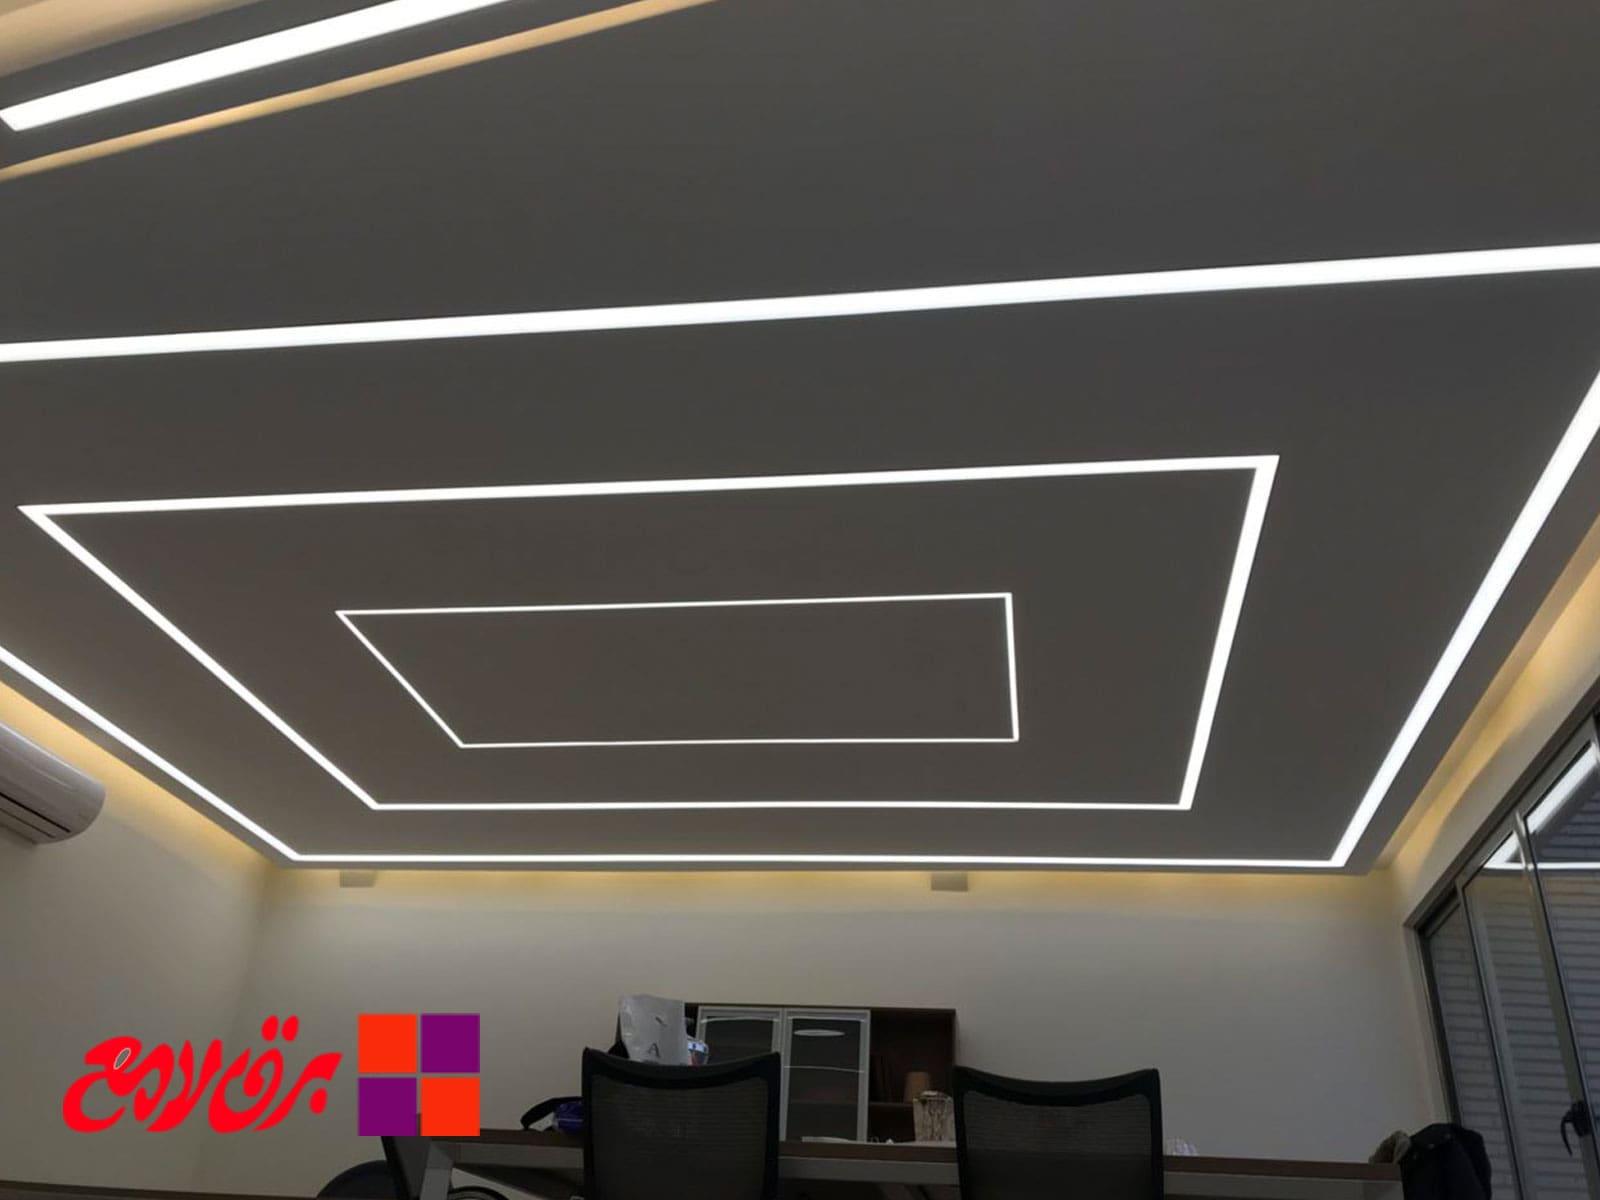 پروژه نورپردازی   طراحی نورپردازی   نورپردازی گالری   شرکت نورپردازی   چراغ ریلی   نورپردازی آتلیه